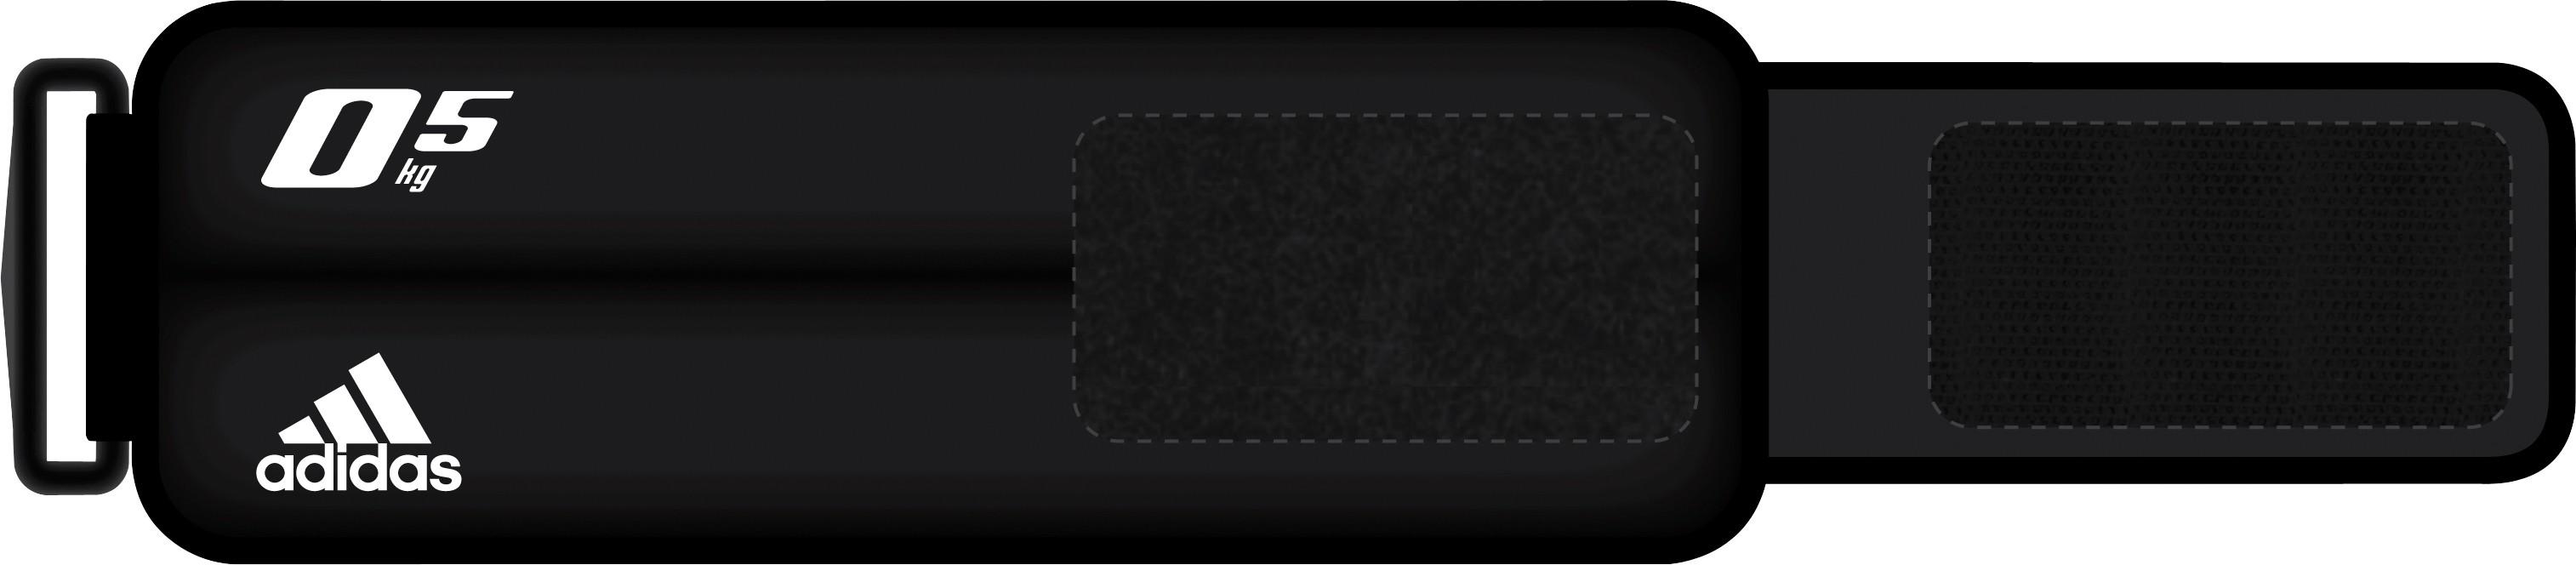 Adidas Enkel- & Polsgewichten 0,5 Kg